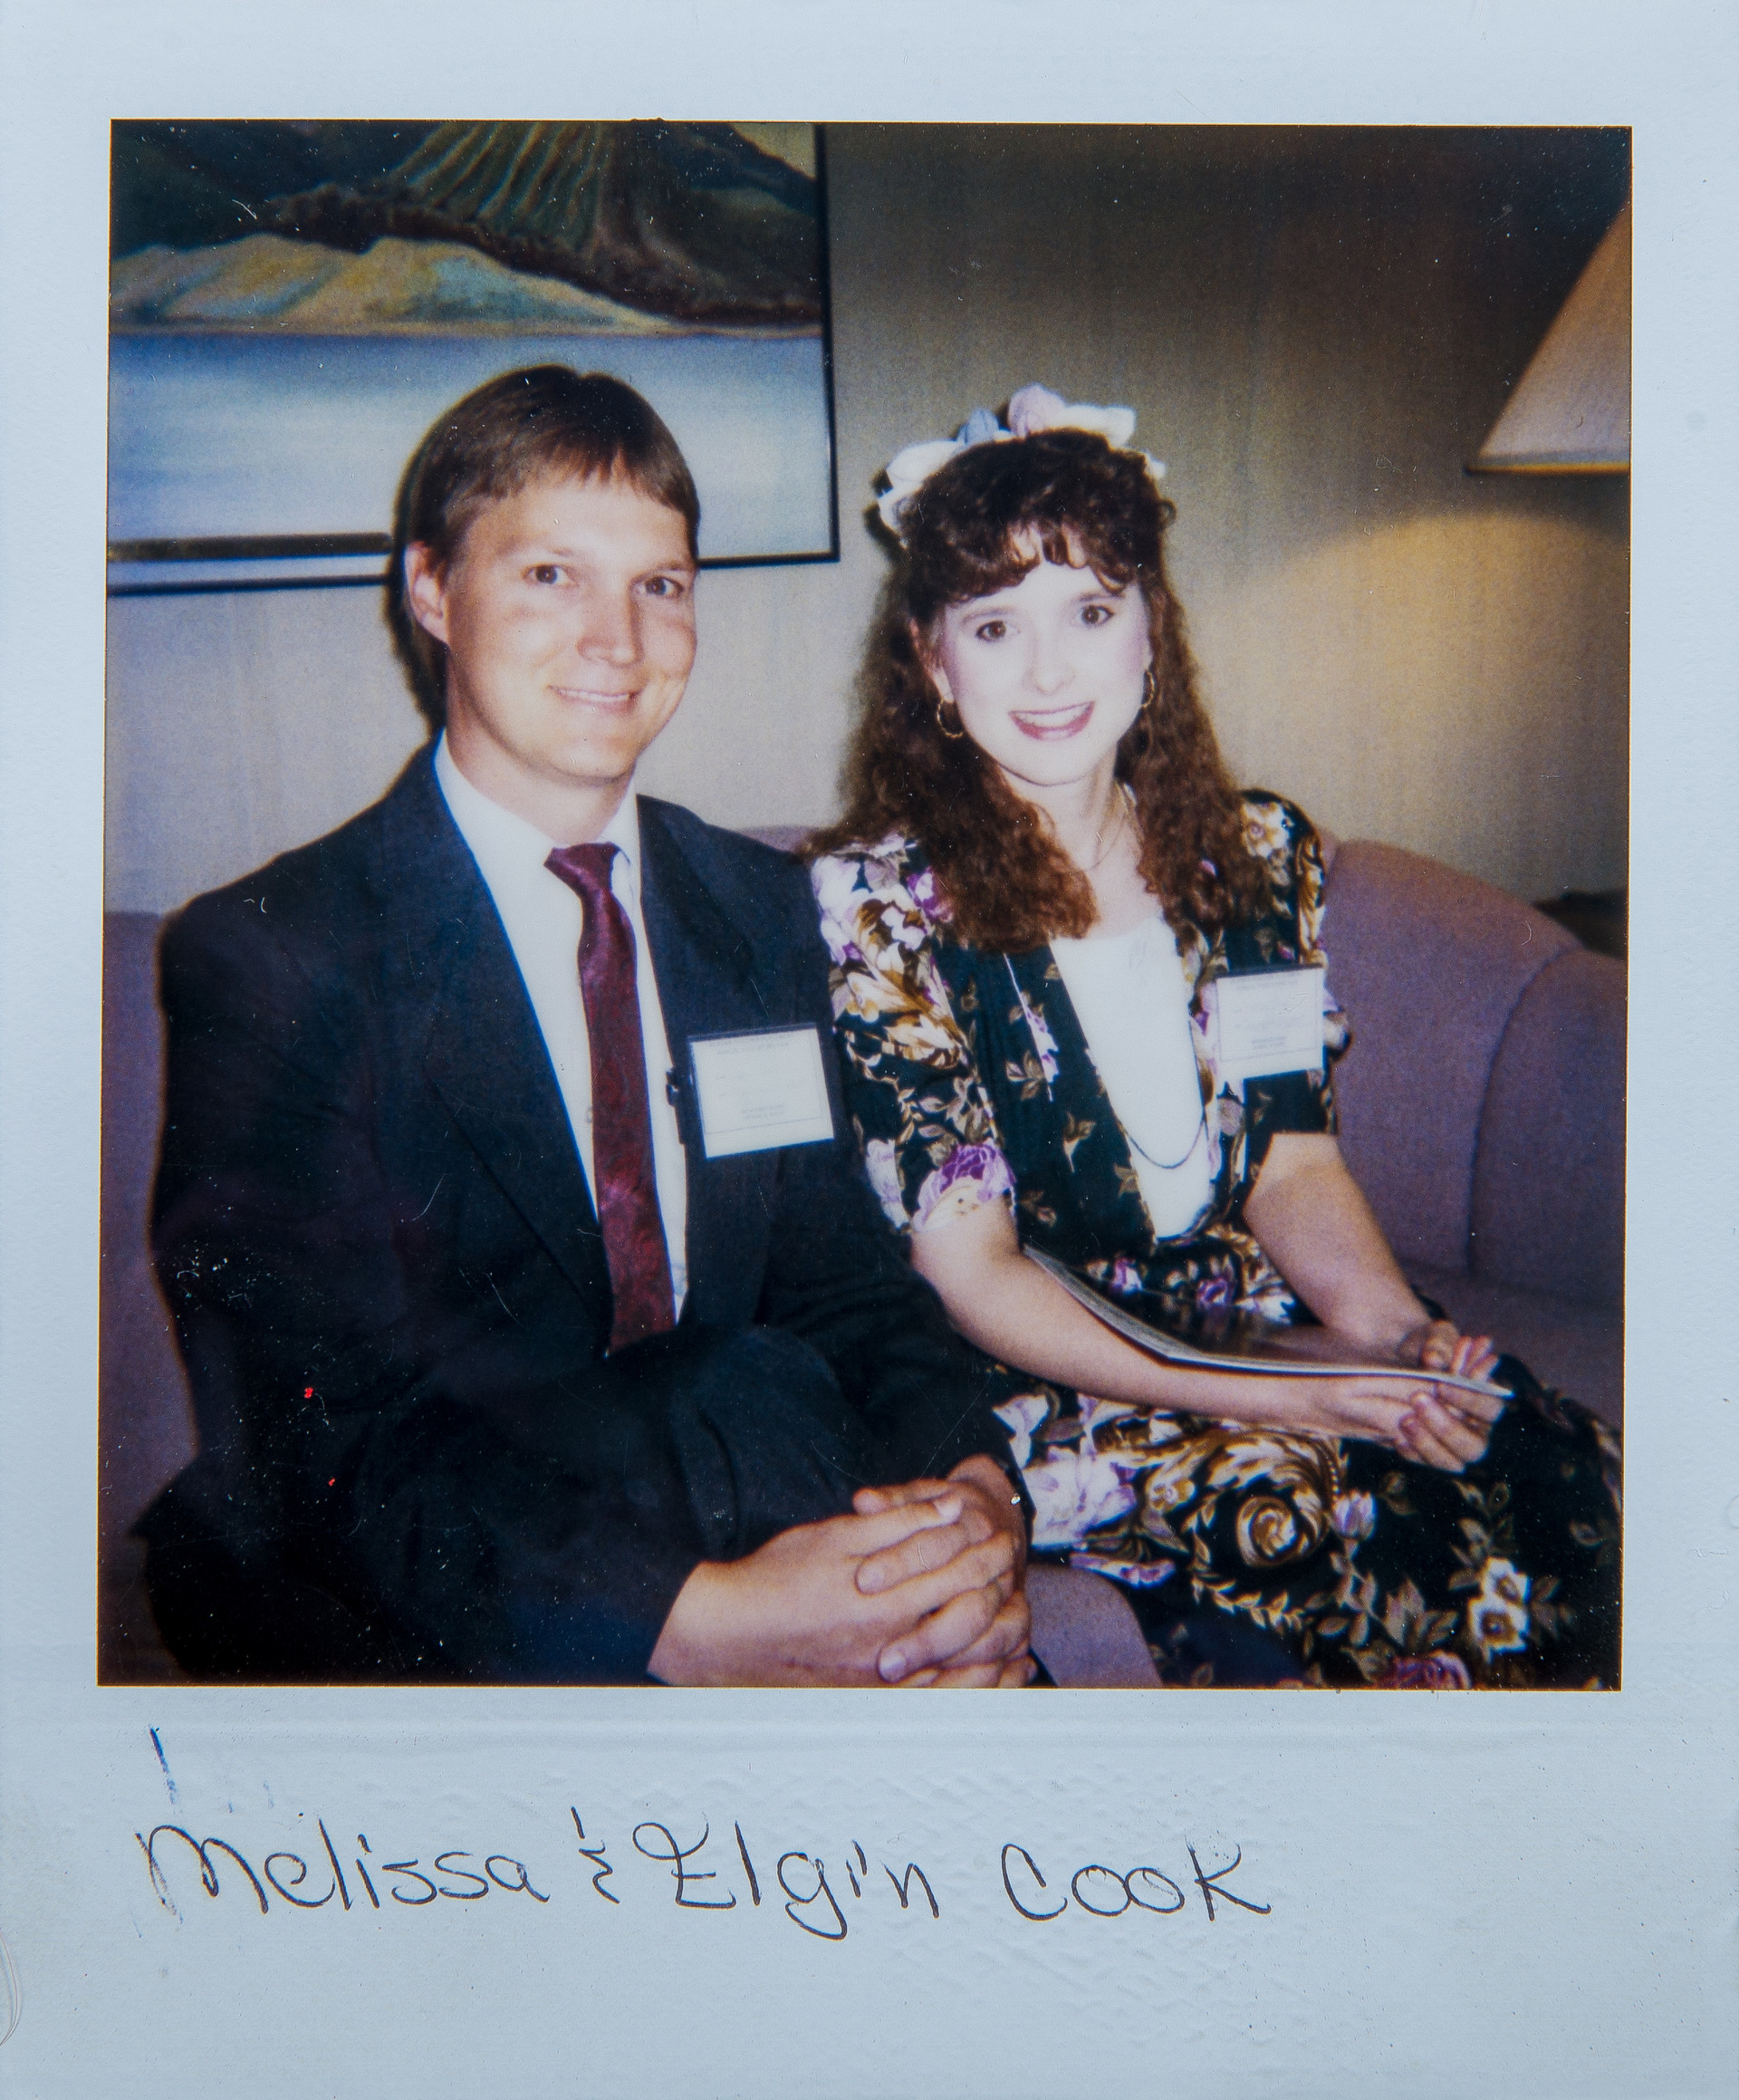 Elgin & Melissa Cook - Interview Photo in 1995